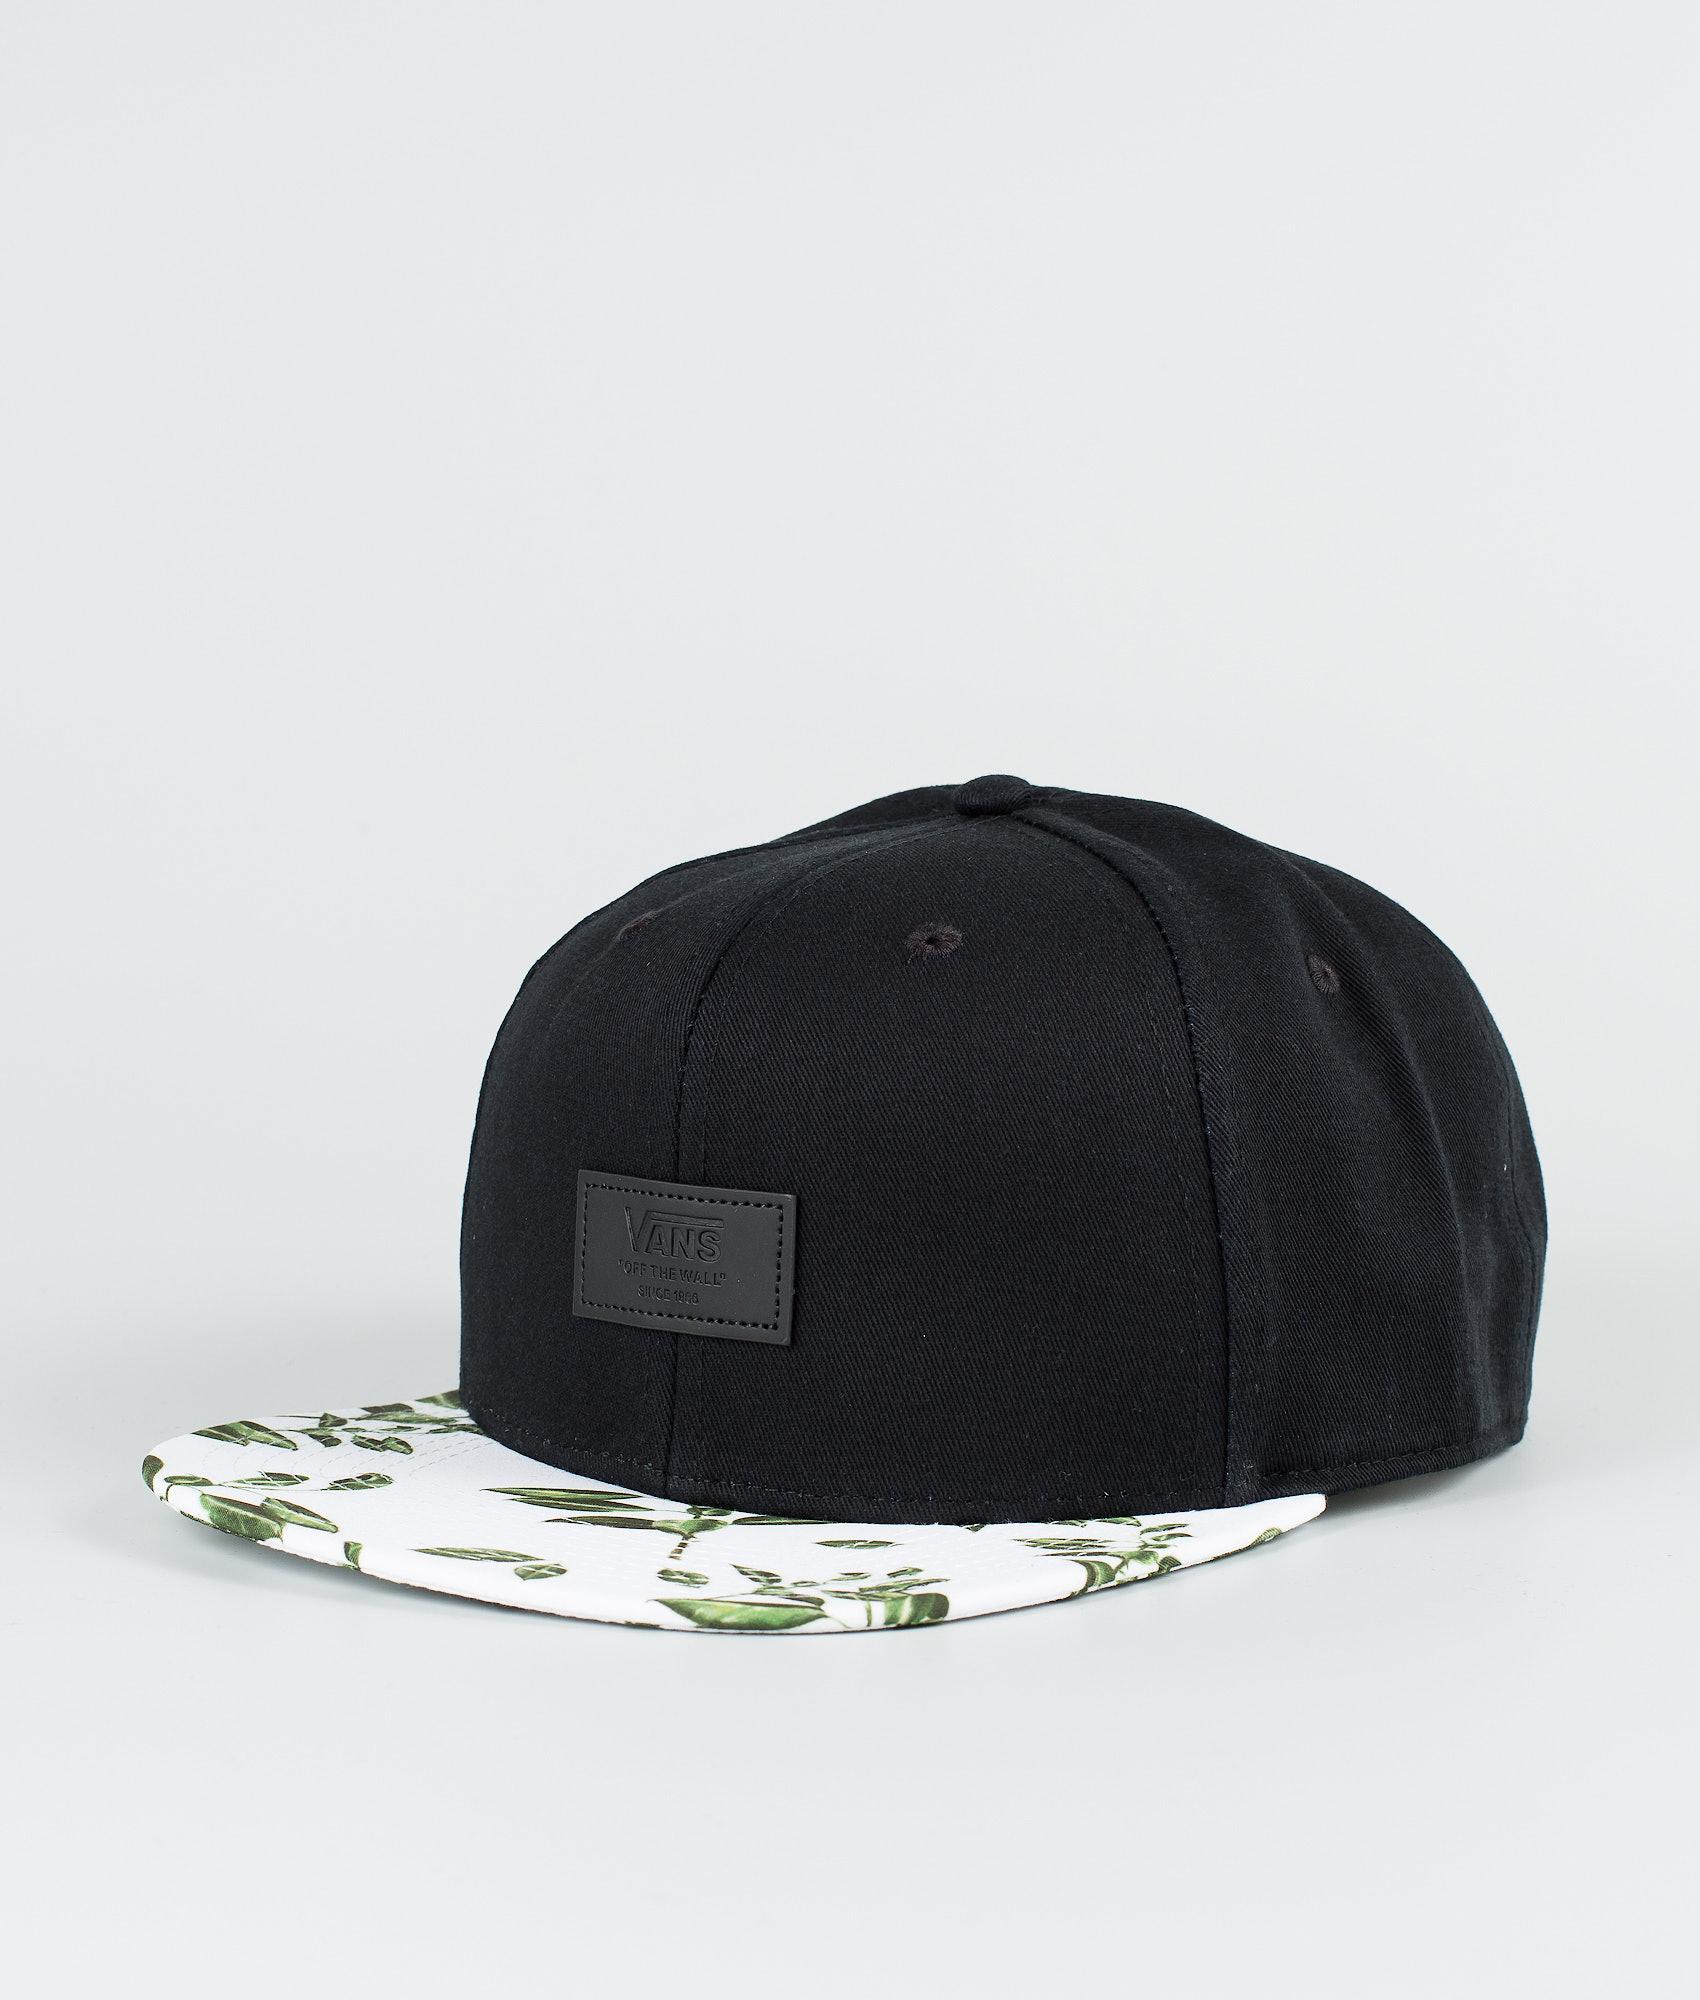 ea0c0f32207 Vans Allover It Cap Black Rubber Co. Floral - Ridestore.com